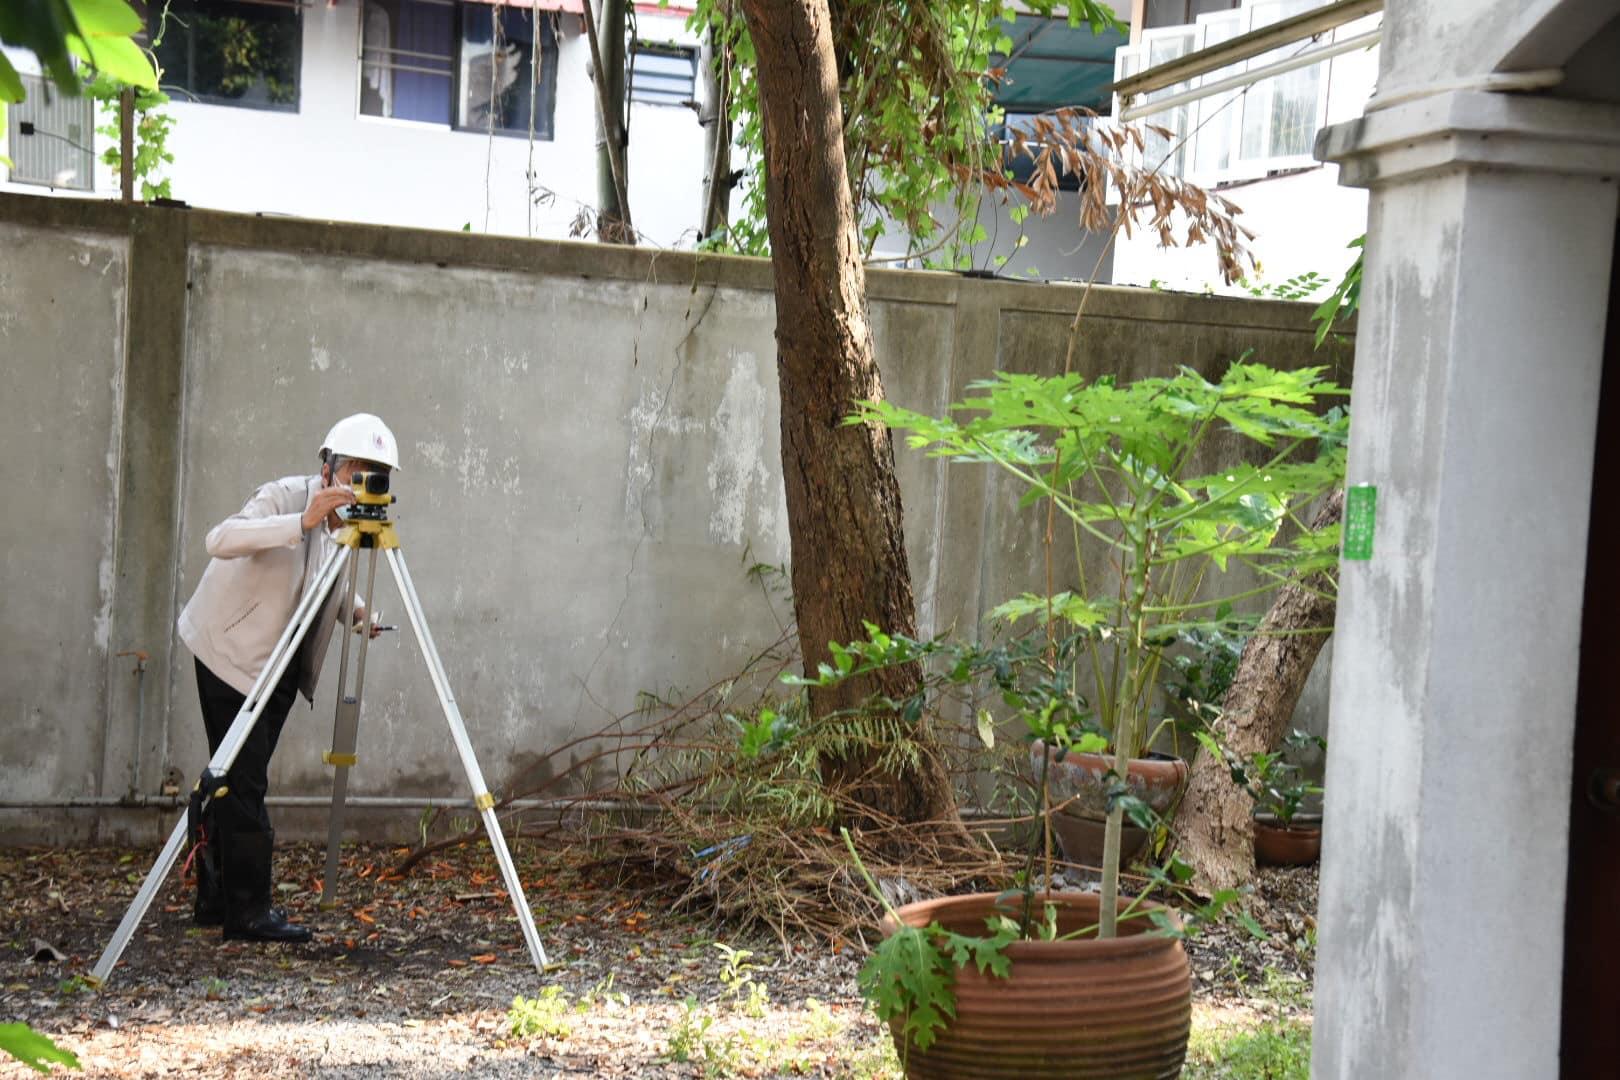 ดร.ธเนศ วีระศิริ นายก วิศวกรรมสถานแห่งประเทศไทยฯ ลงพื้นที่ตรวจสอบอาคาร 3 ชั้น 5 คูหาทรุดตัว ในซอยรามคำแหง 36/1